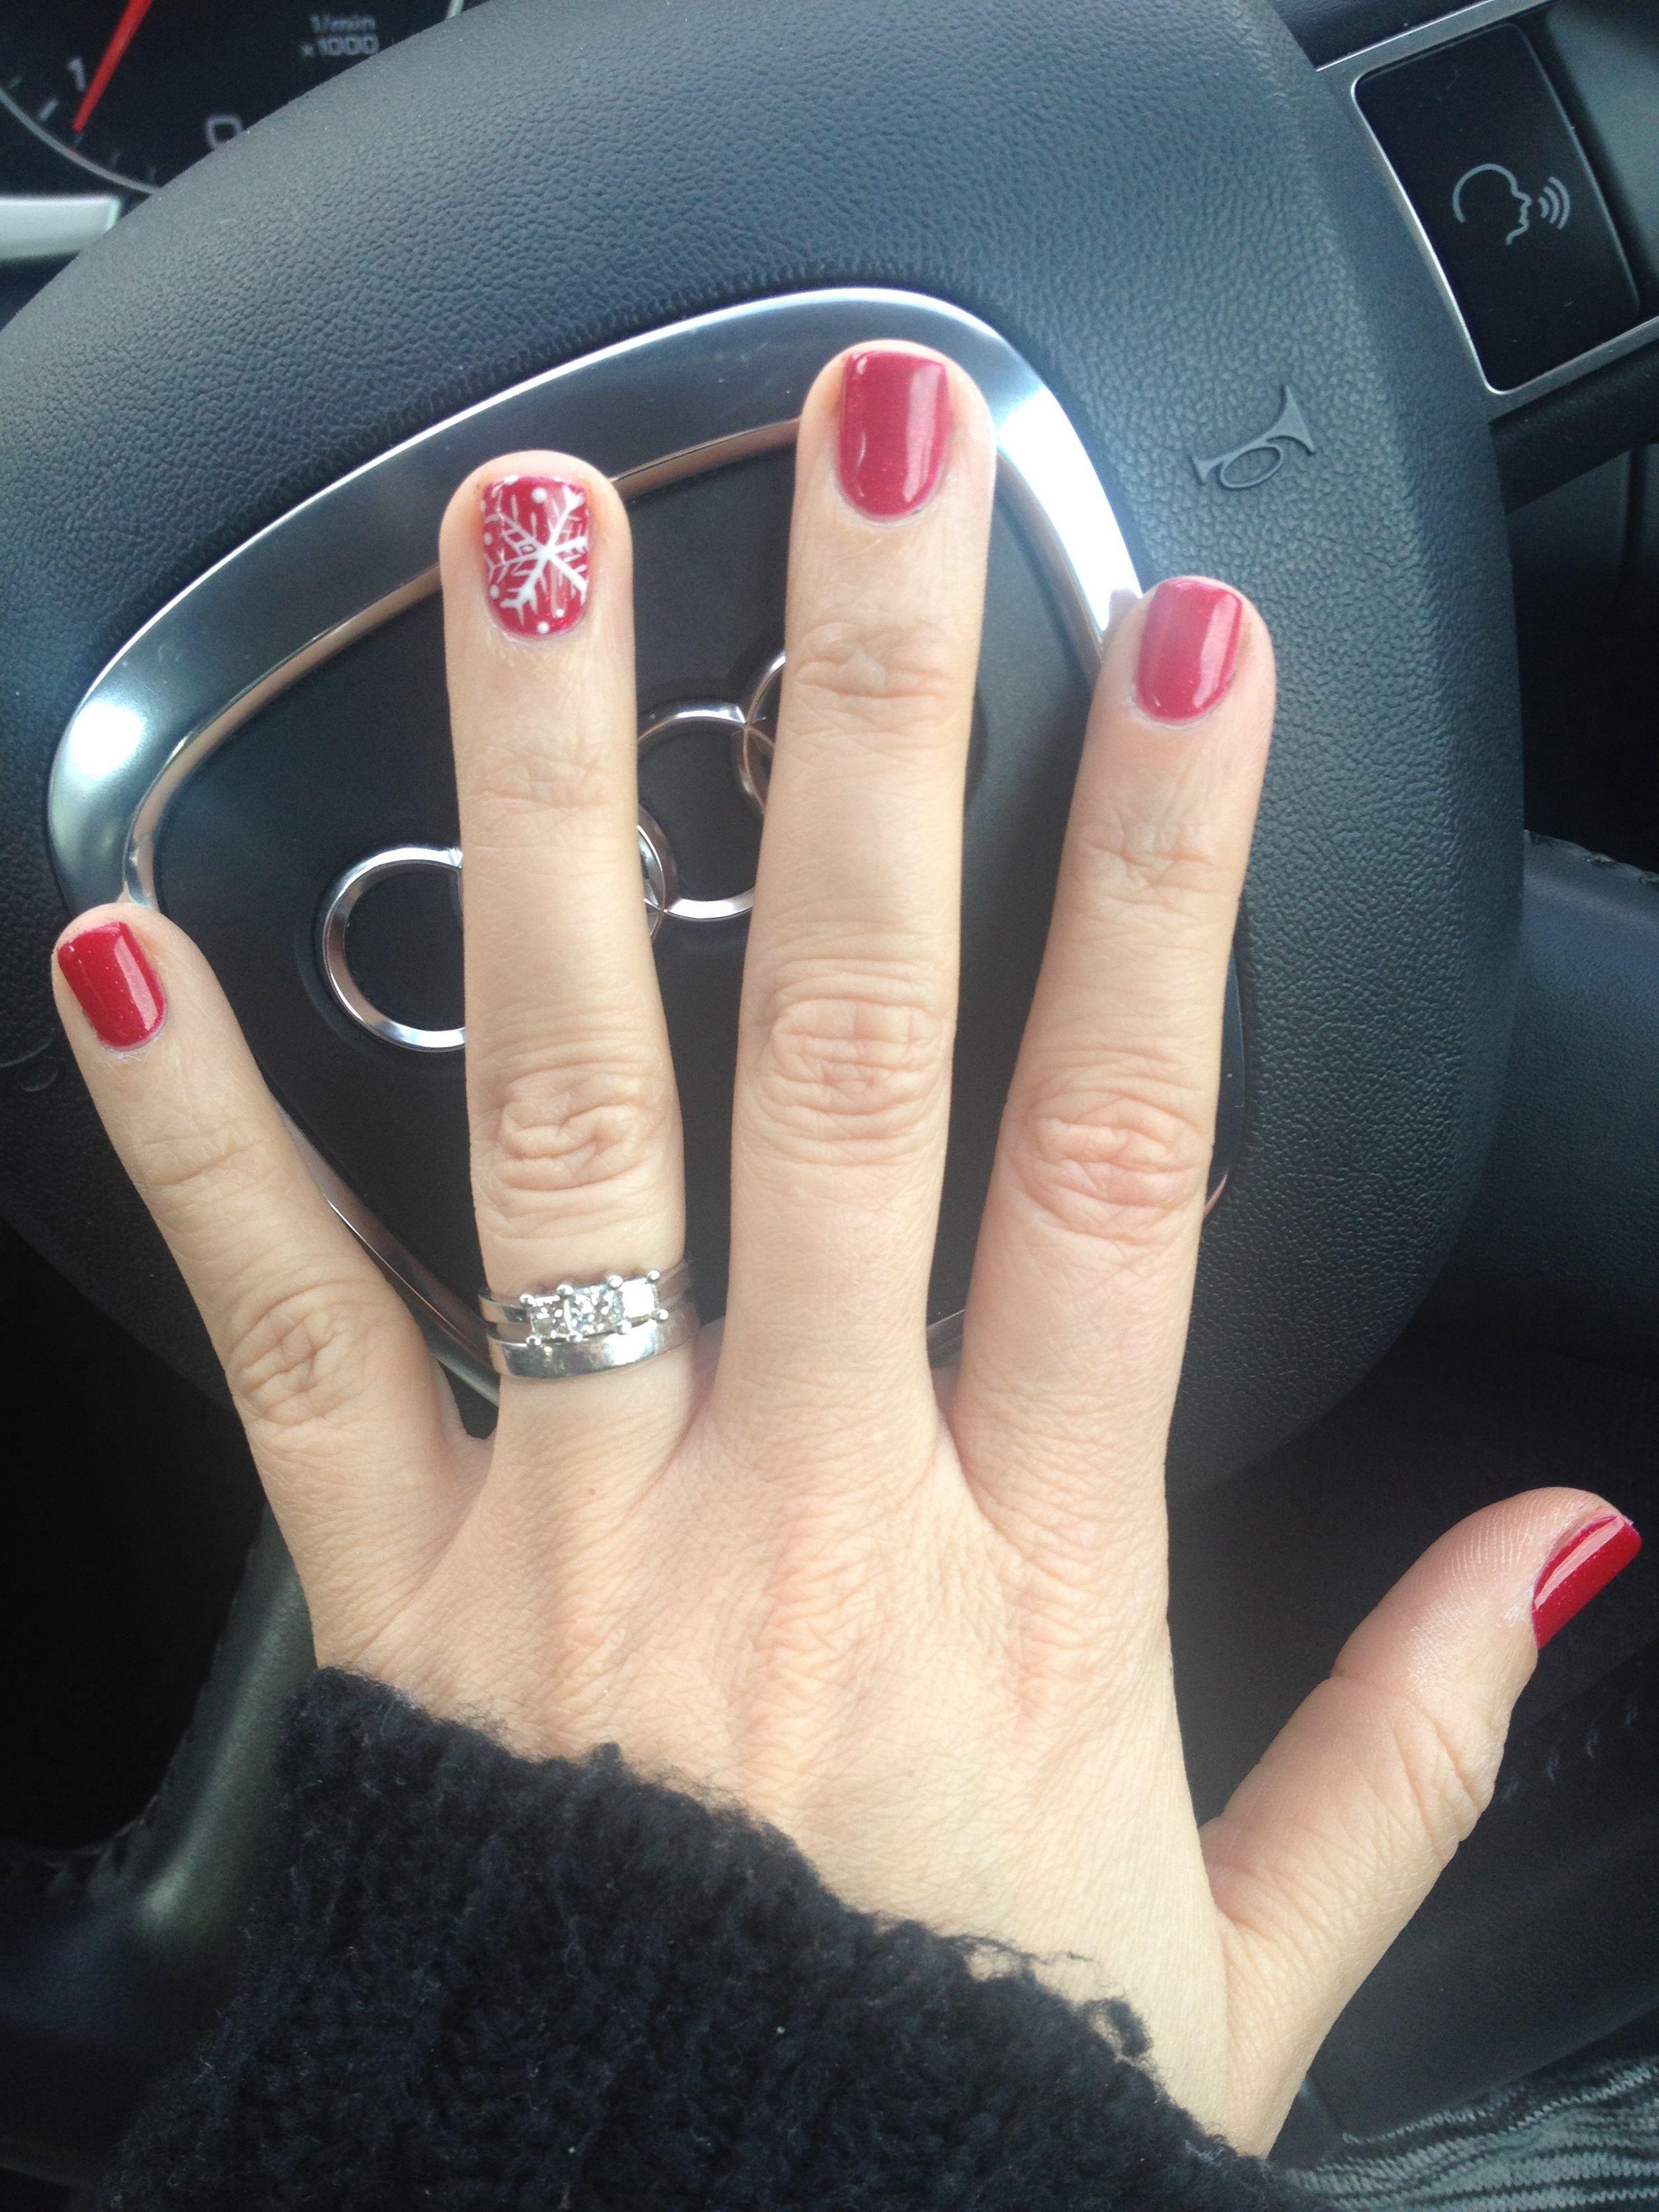 Red Xmas shellac nails!   nails   Pinterest